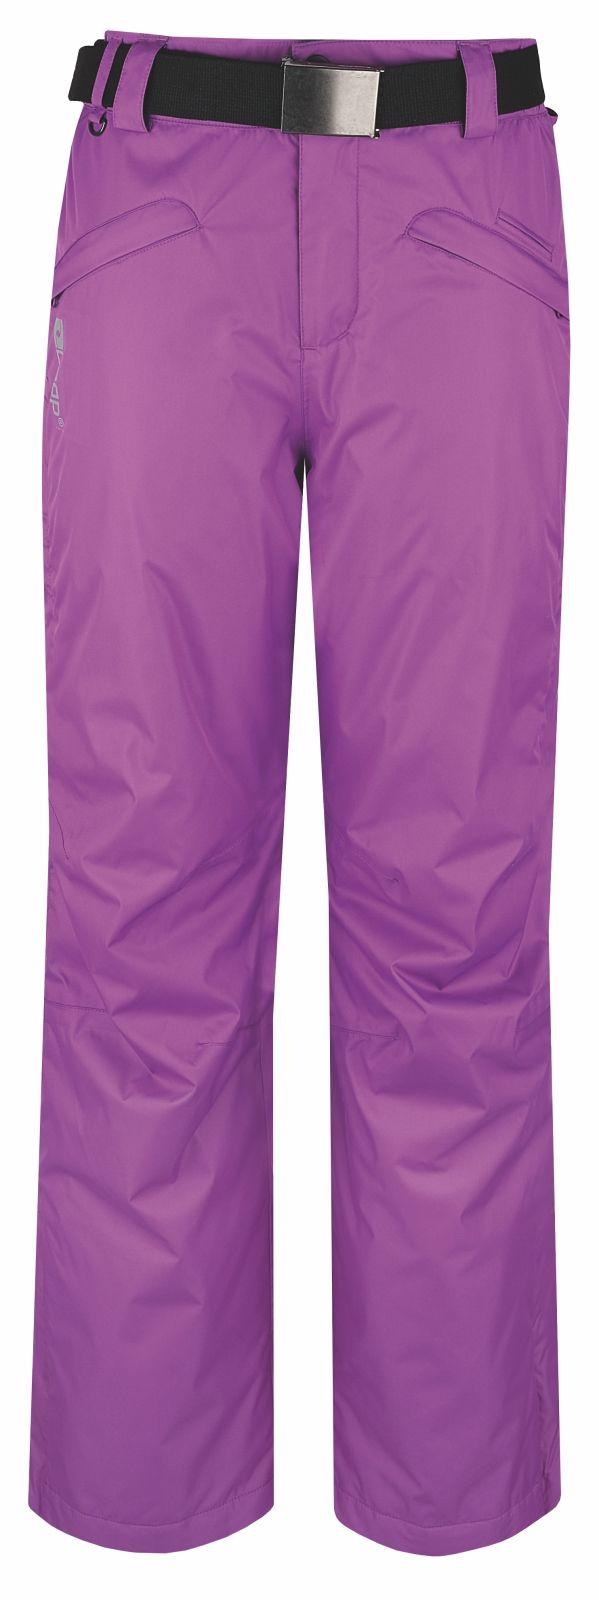 LOAP Dámské lyžařské kalhoty SHERLYvelikost XS-XL